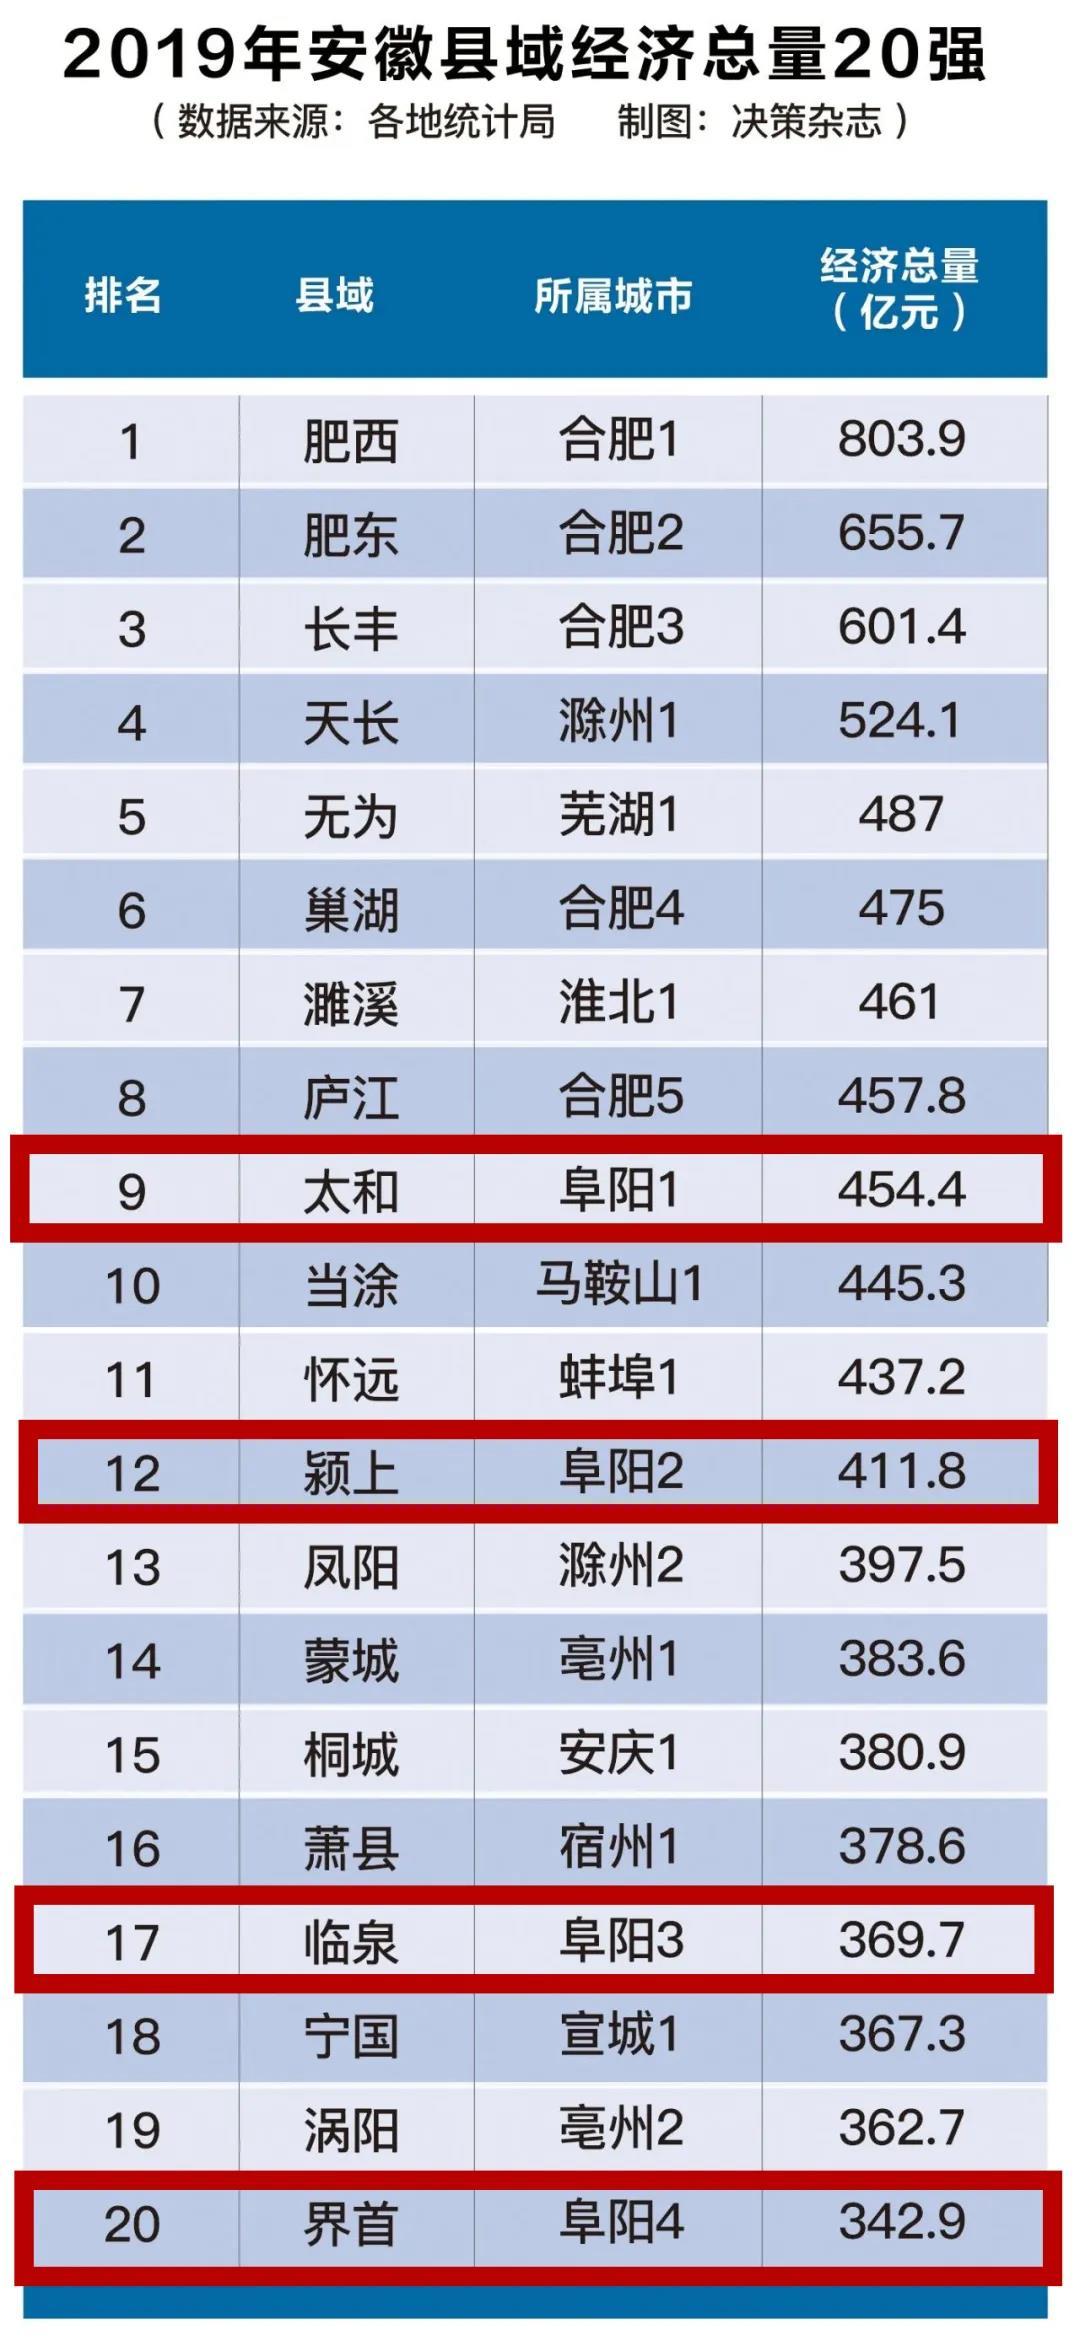 安徽20强榜单,阜阳这4个县市上榜